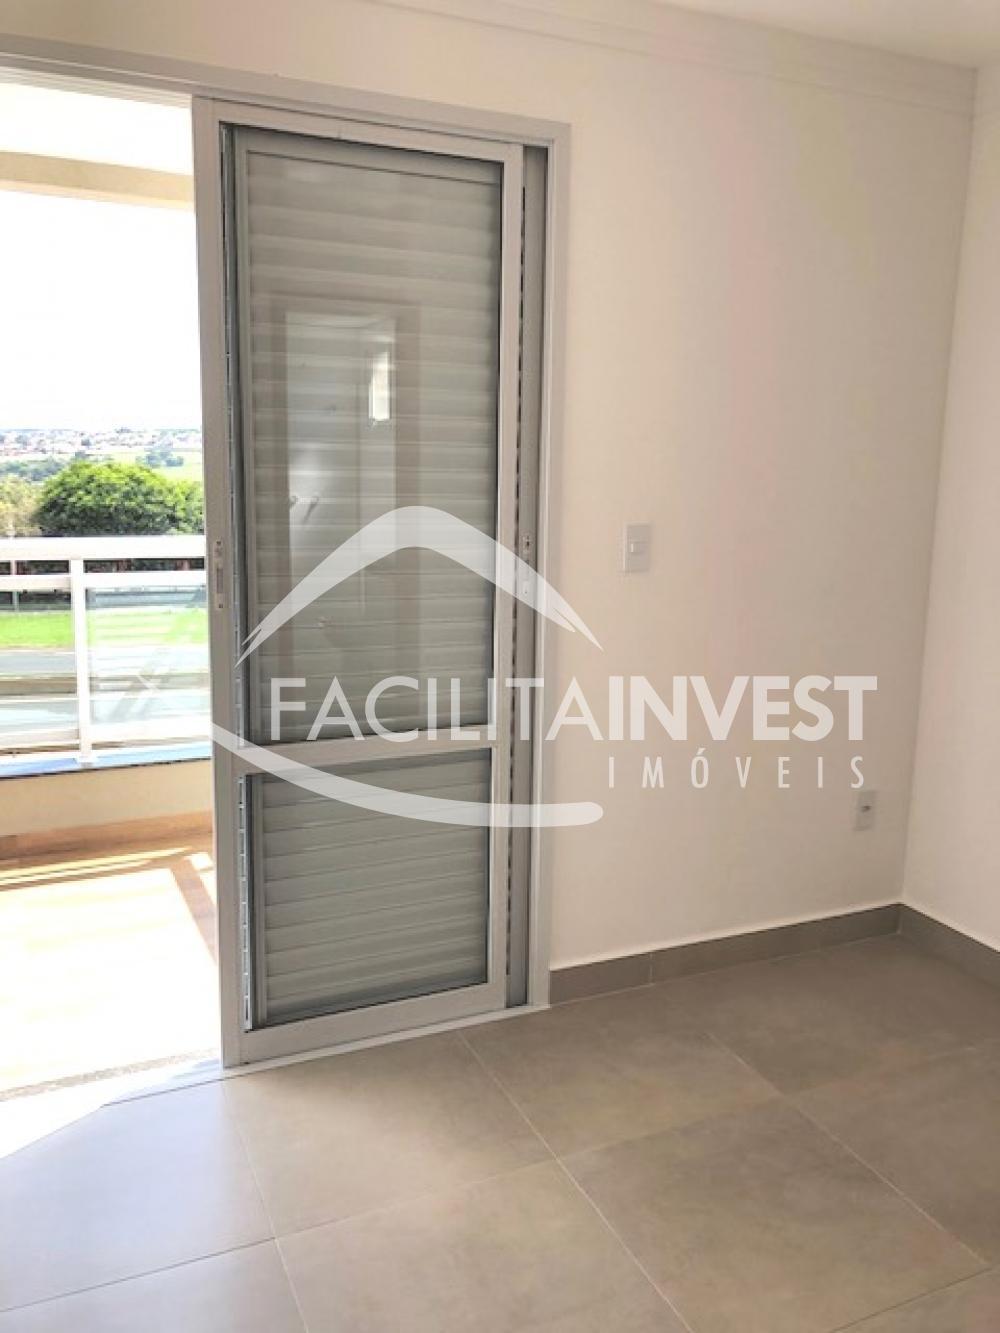 Alugar Lançamentos/ Empreendimentos em Construç / Apartamento padrão - Lançamento em Ribeirão Preto apenas R$ 1.200,00 - Foto 16